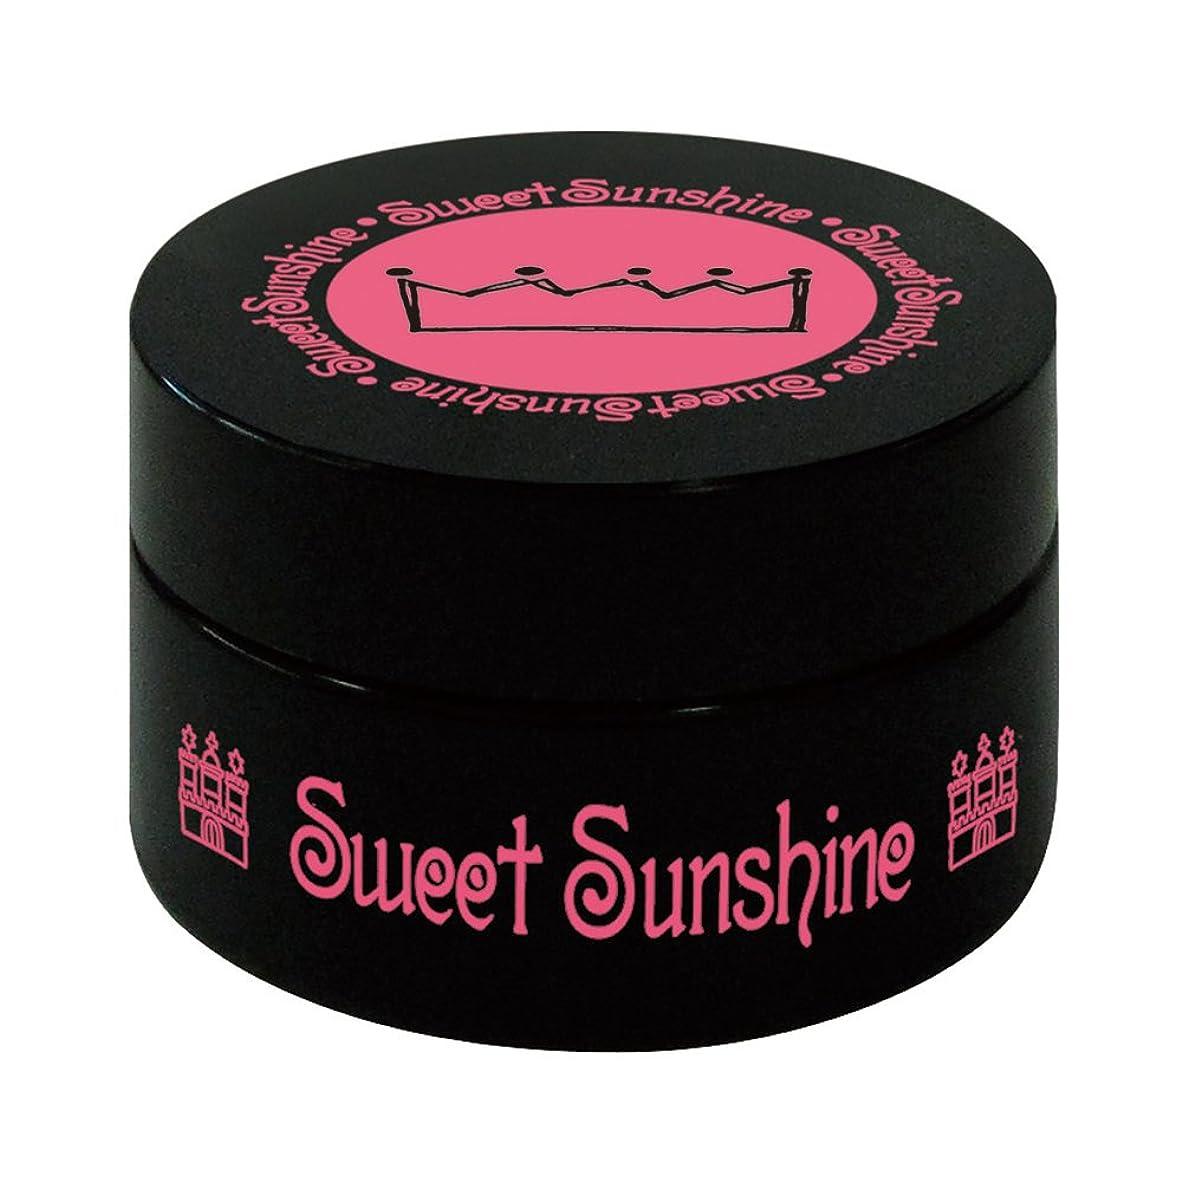 驚くべき遷移一般Sweet Sunshine カラージェル 4g MON- 9 チェリーポップ パール UV/LED対応